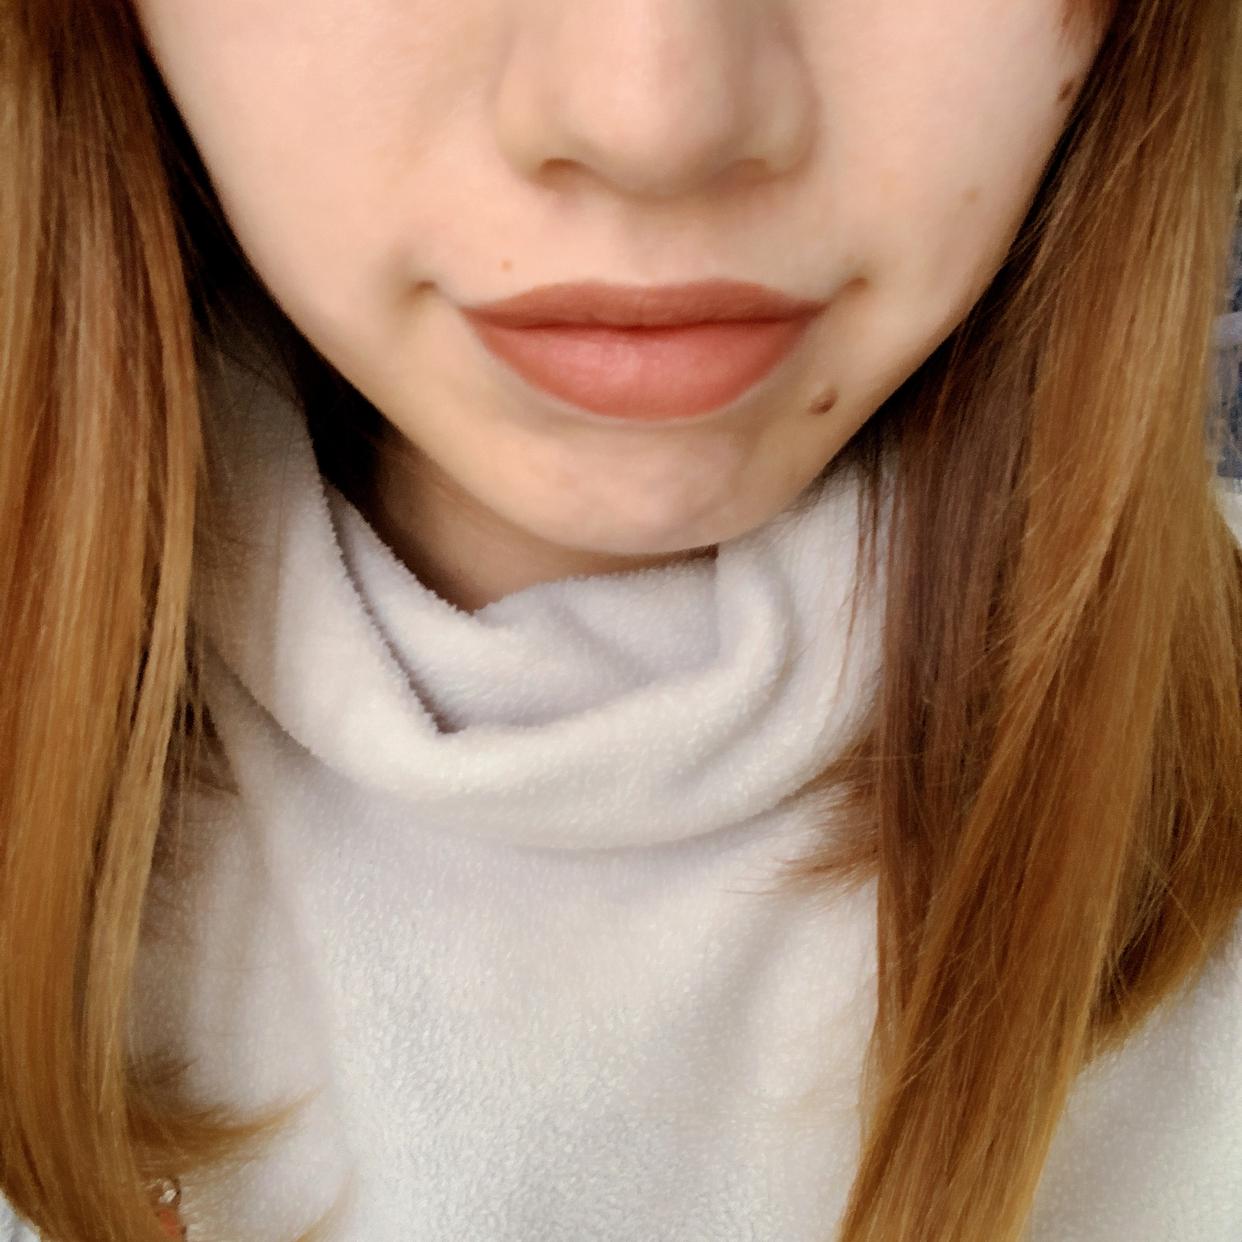 UZU BY FLOWFUSHI(ウズ バイ フローフシ)38℃/99℉ LIPSTICKを使った ままたろさんのクチコミ画像